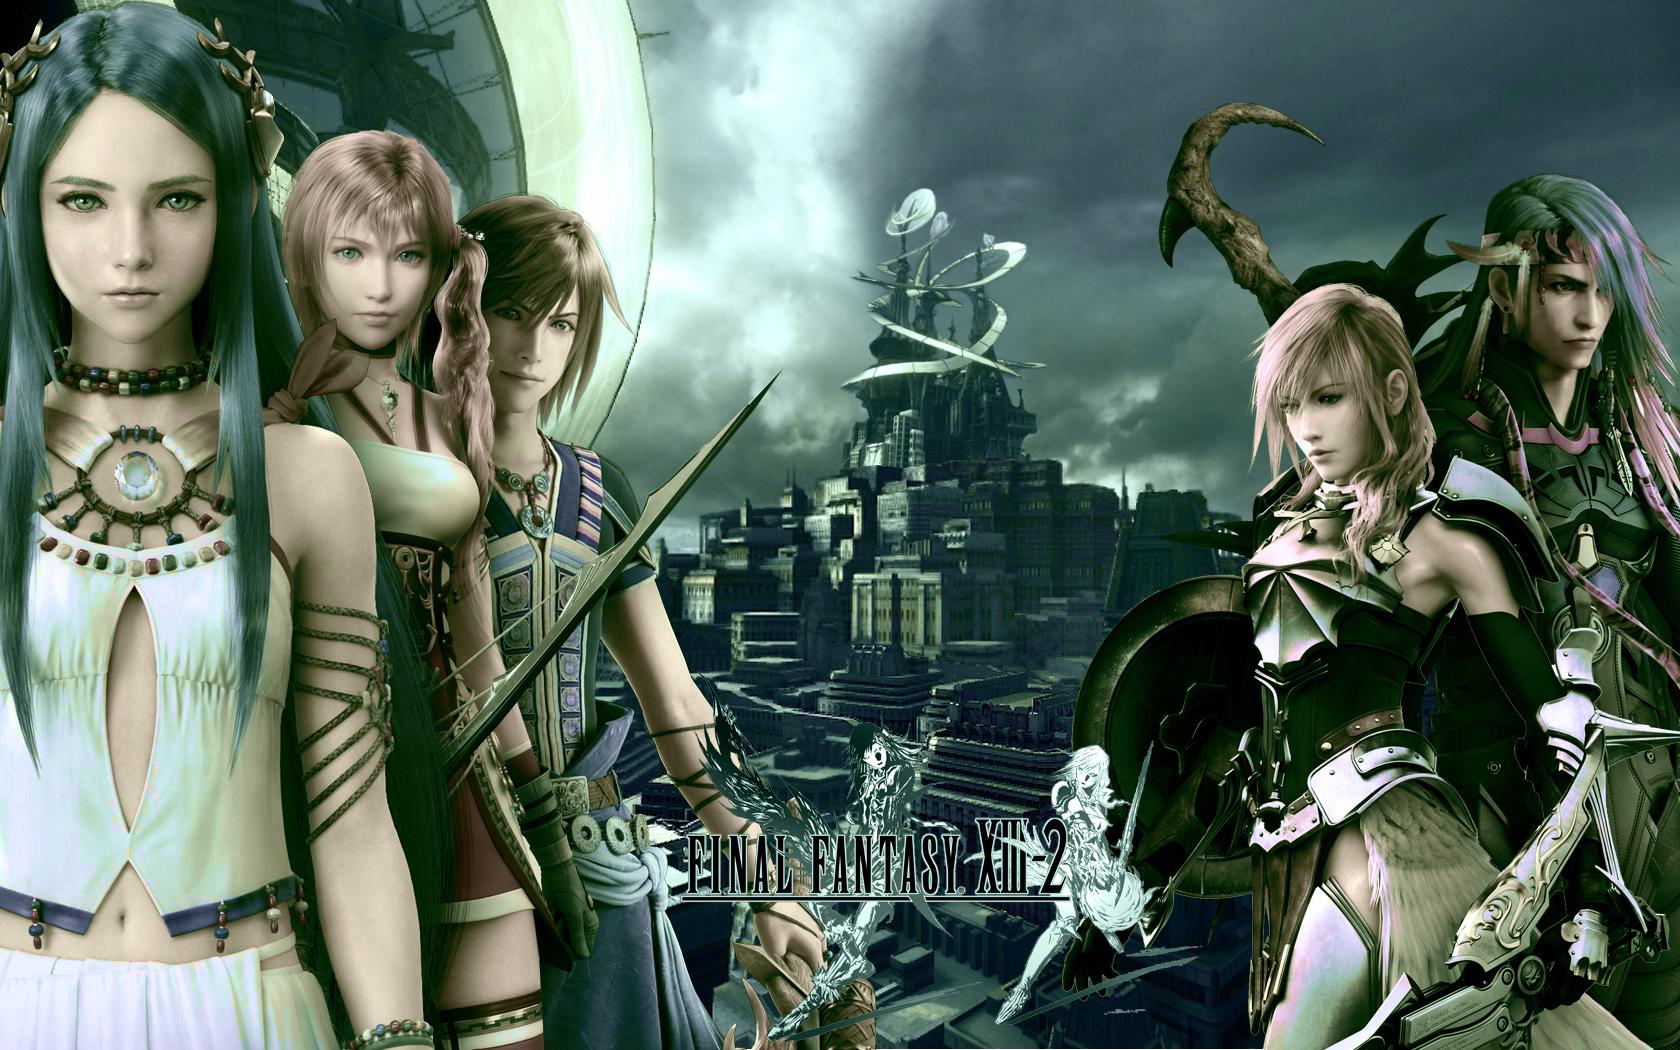 Final Fantasy XIII, Wallpaper - Zerochan Anime Image Board